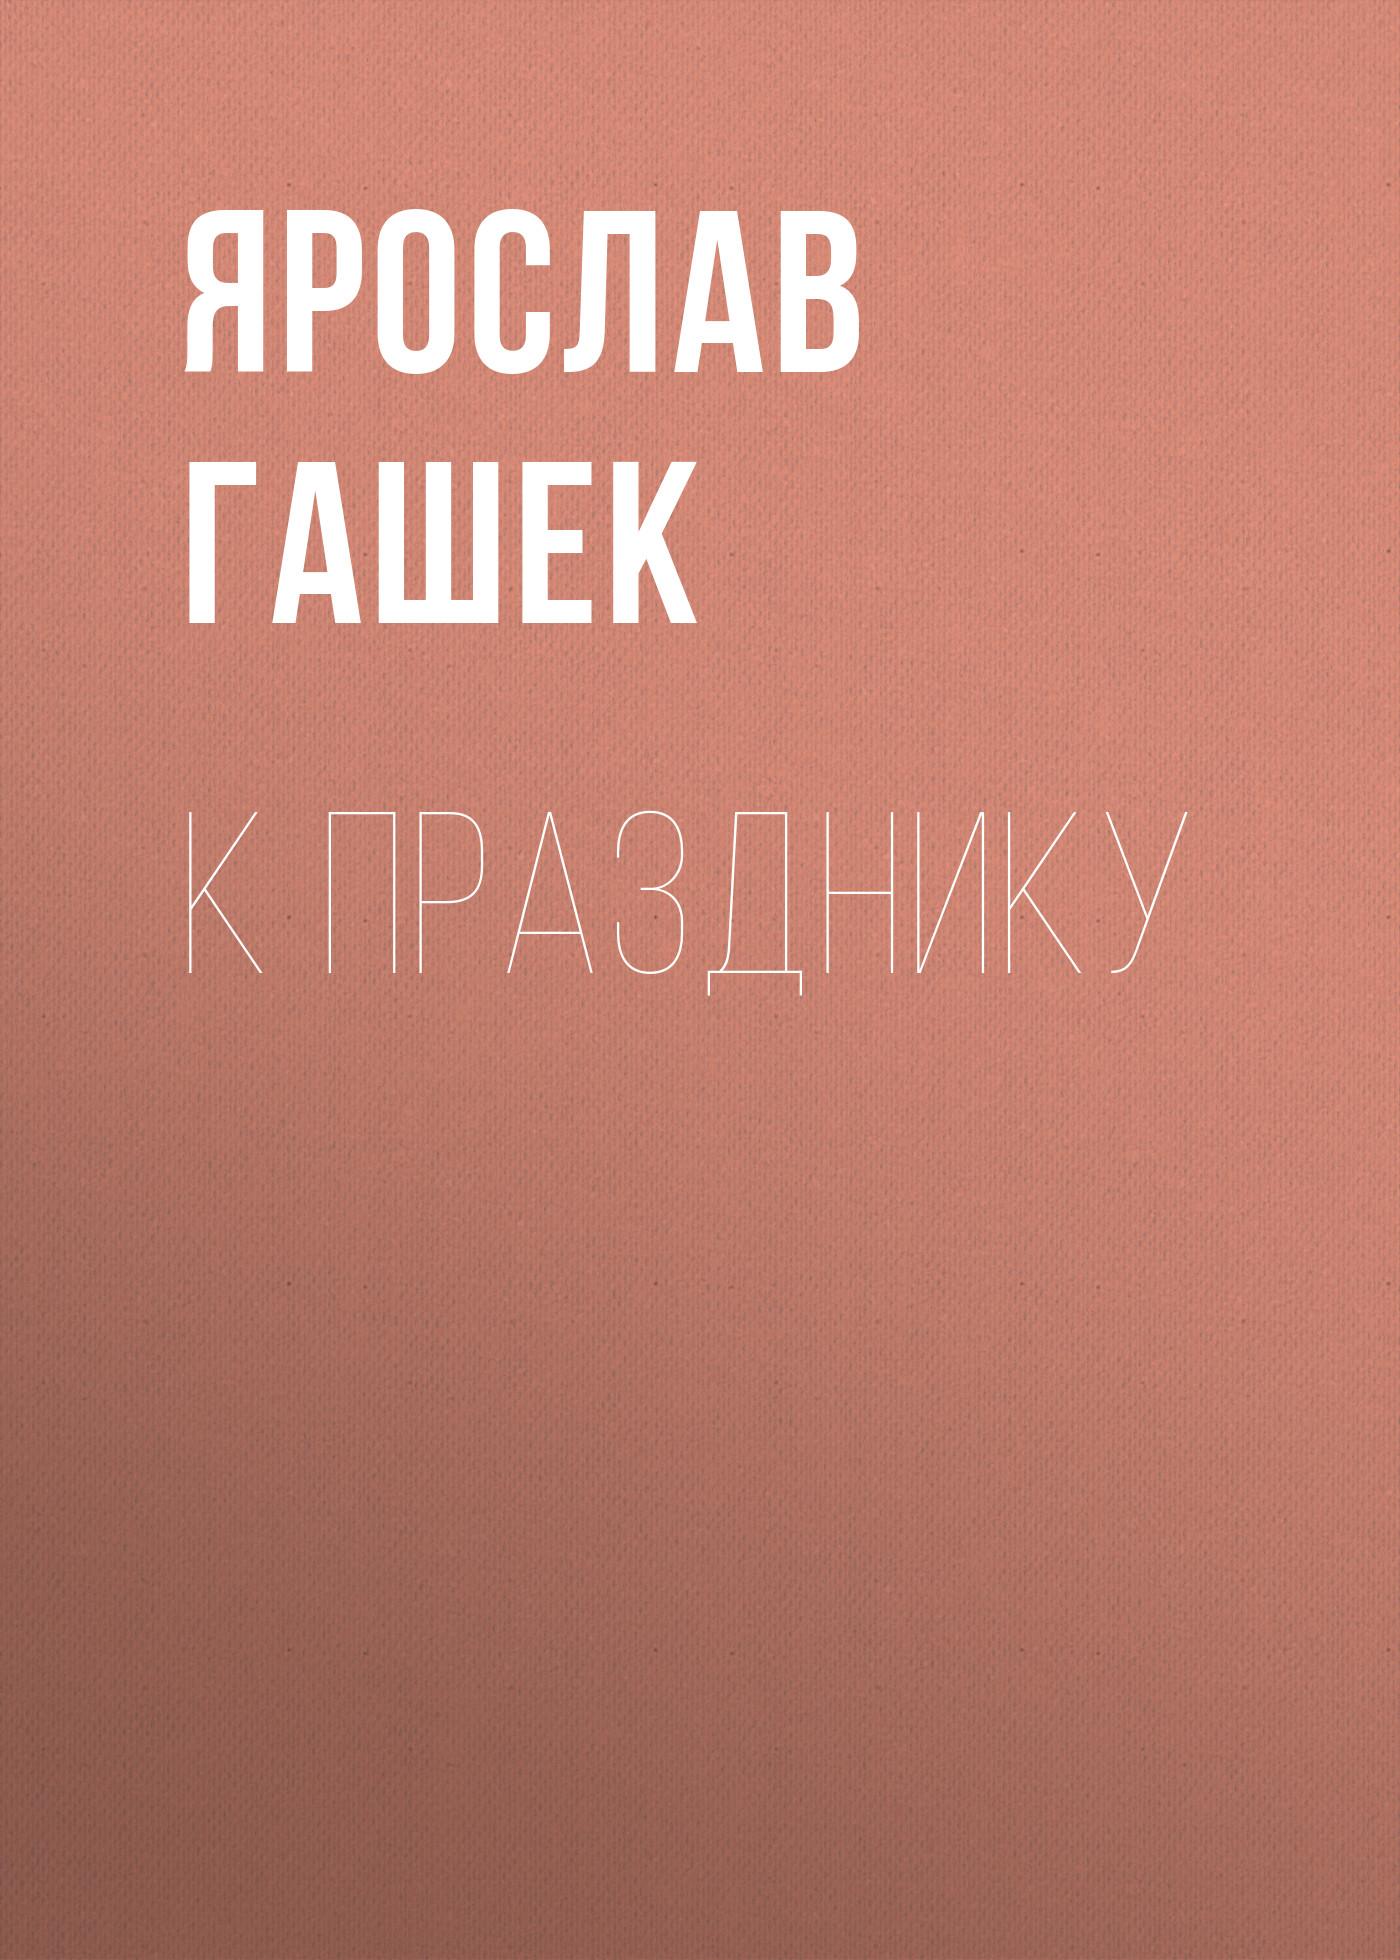 Ярослав Гашек К празднику ярослав гашек в мастерской контрреволюции